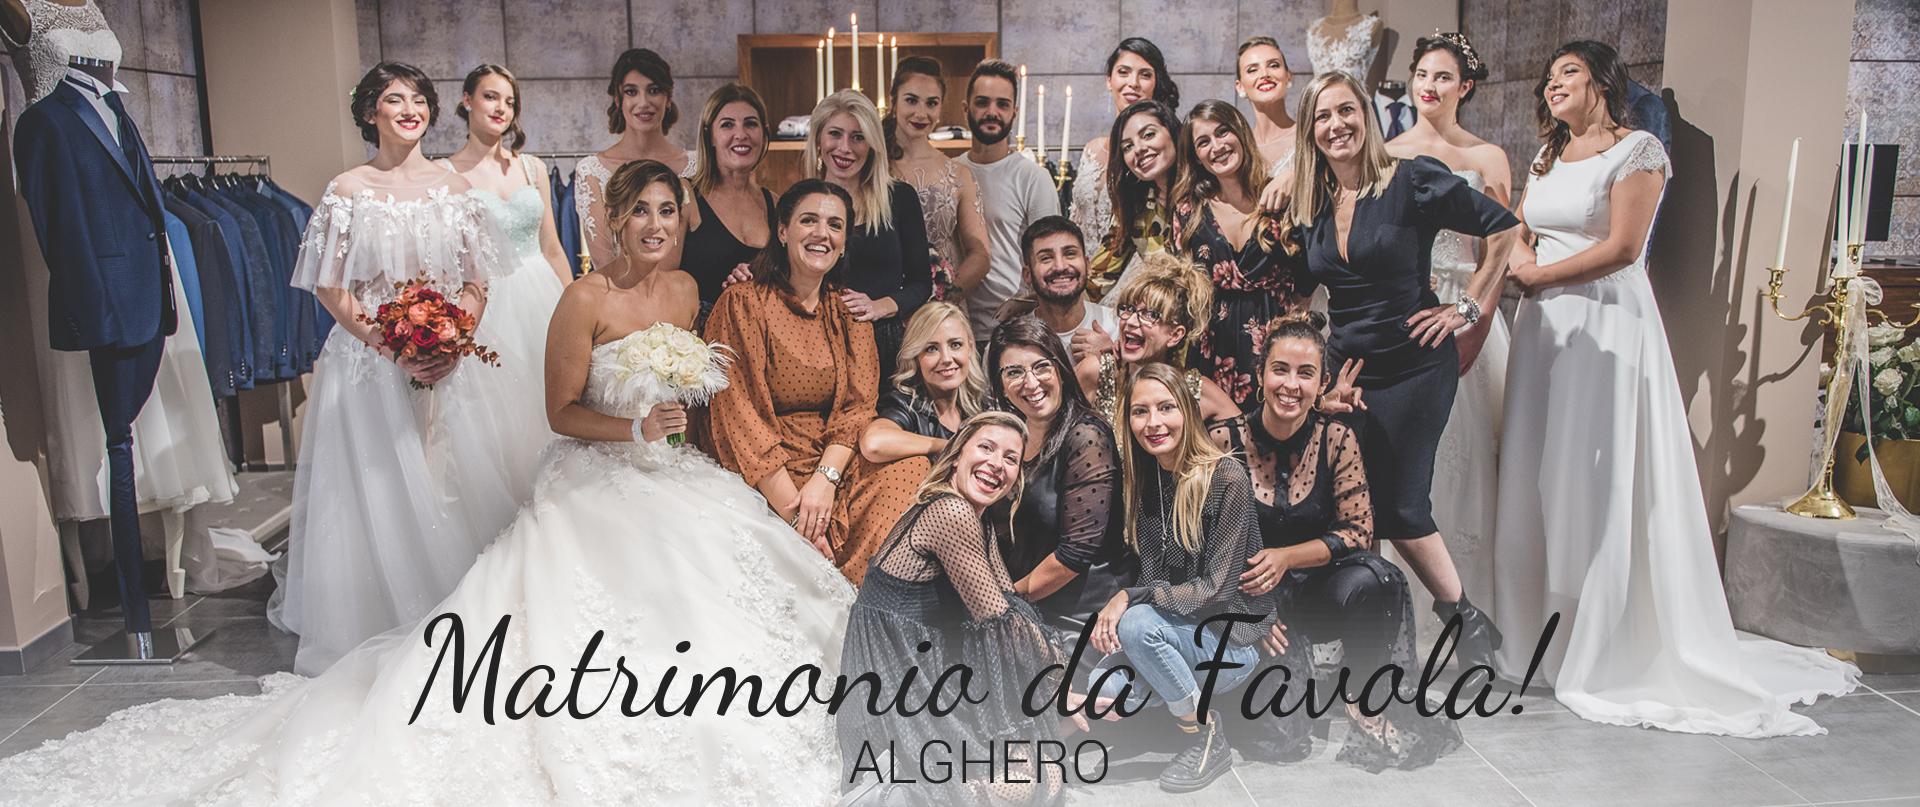 Matrimonio da Favola – Alghero 27/10/2019